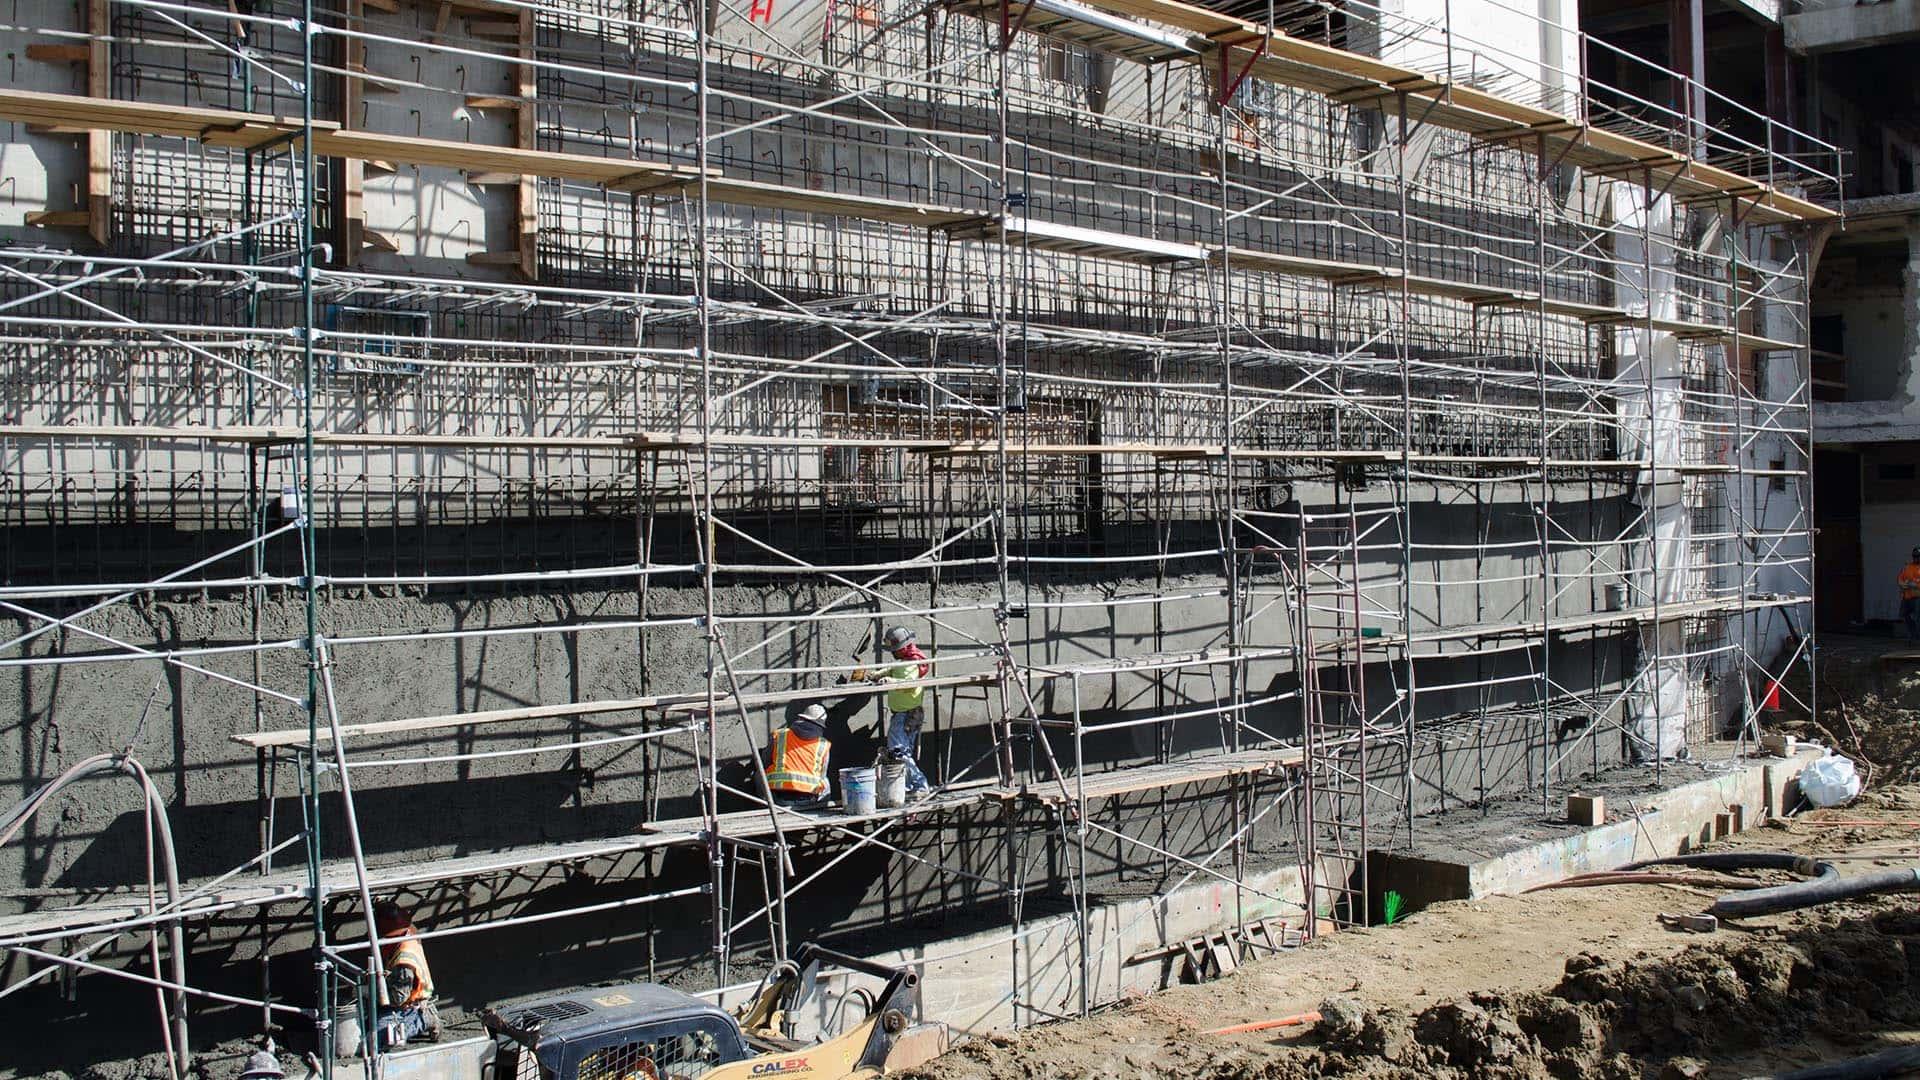 Construtora-Naves-Parede-de-cisalhamento-de-concreto-armado-02